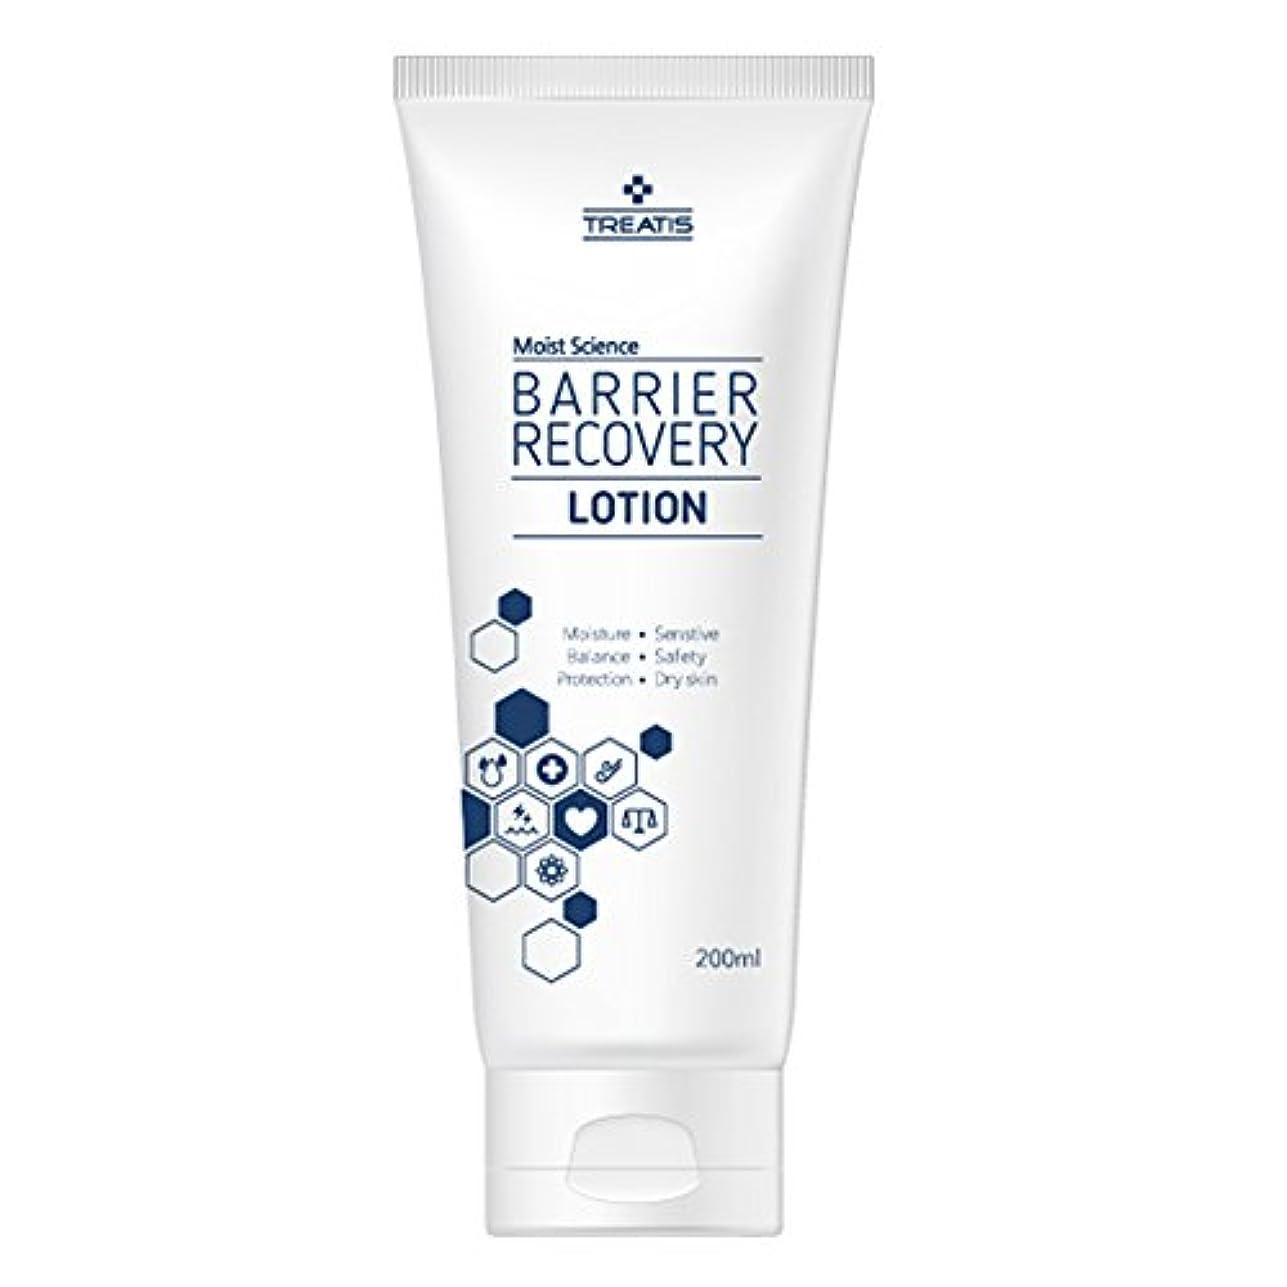 勝つくそーチャンバーTreatis barrier recovery lotion 7oz (200ml)/Moisture, Senstive, Balance, Safty, Protection, Dry skin [並行輸入品]